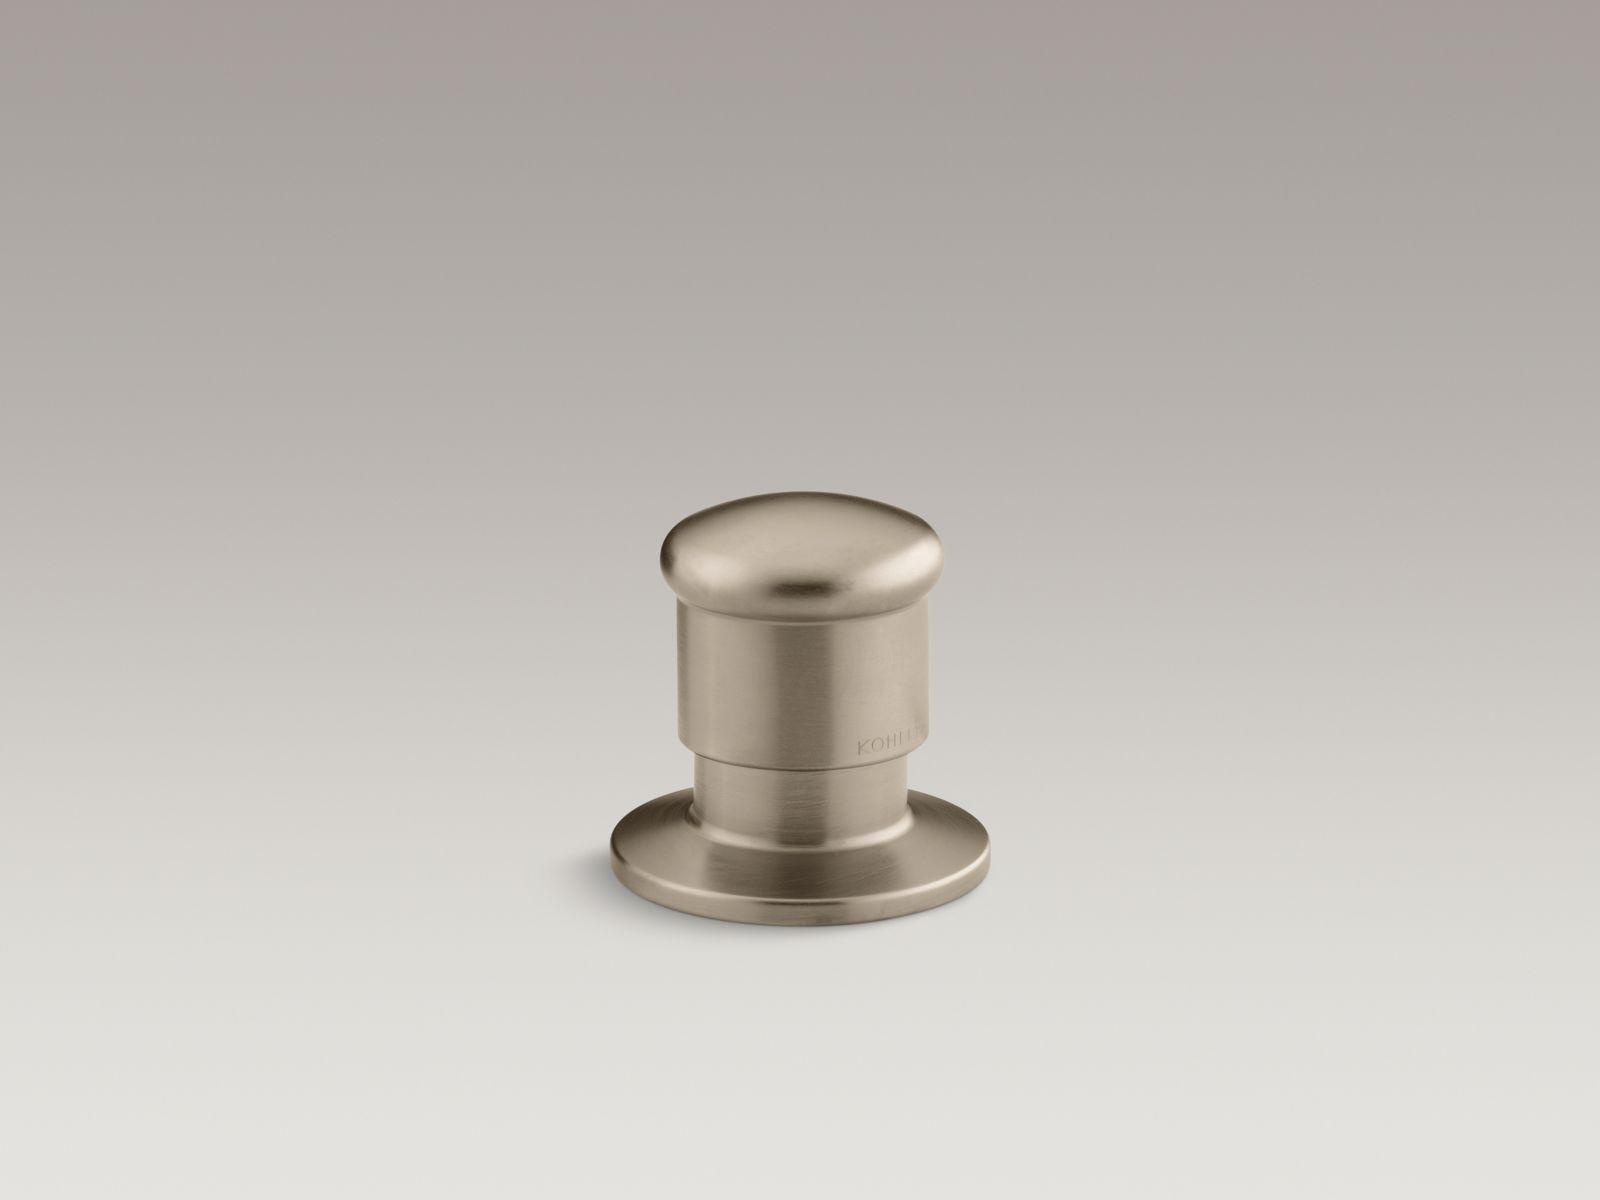 Kohler K-9530-BV Deck-Mount Two-Way Diverter Valve Brushed Bronze